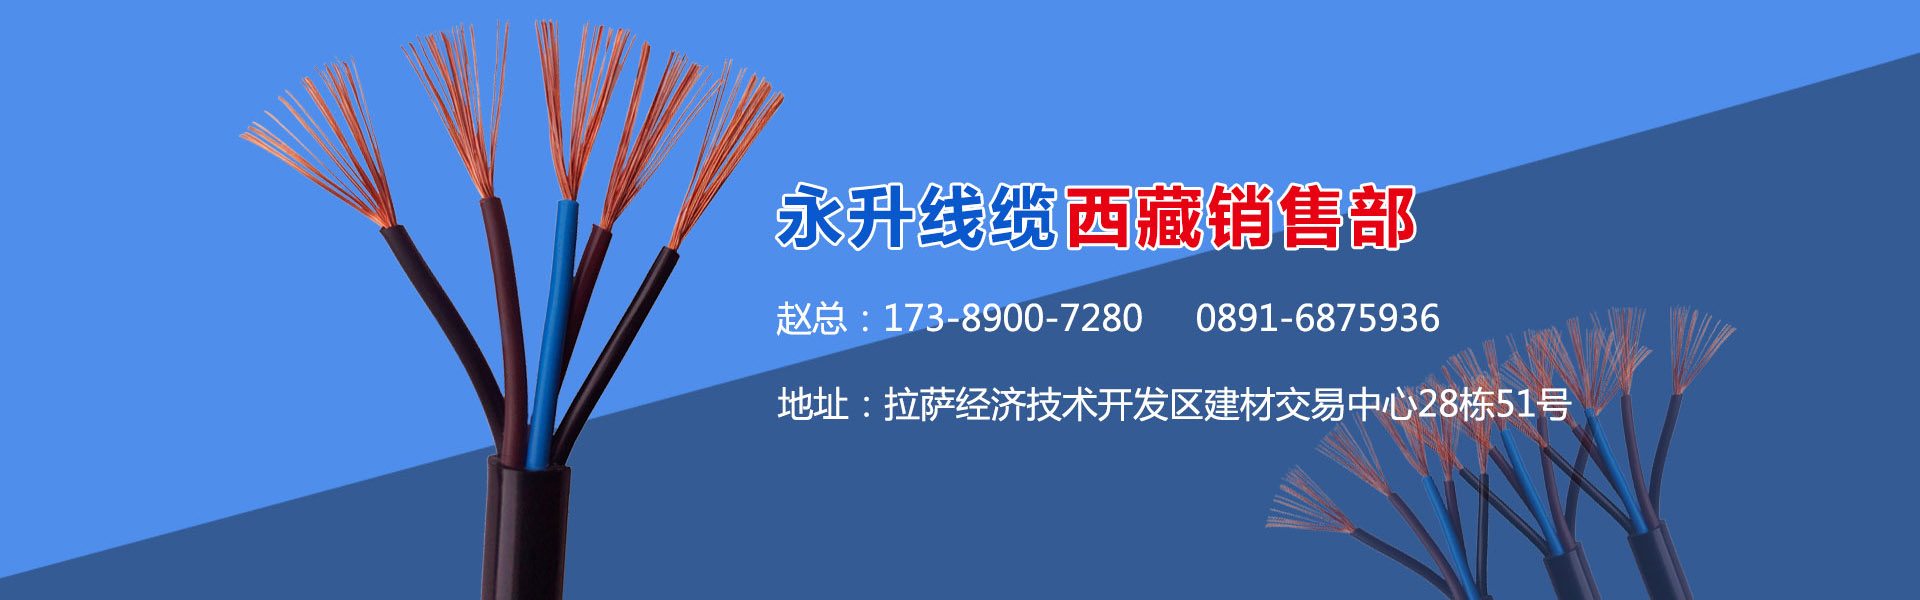 永升线缆西藏销售部